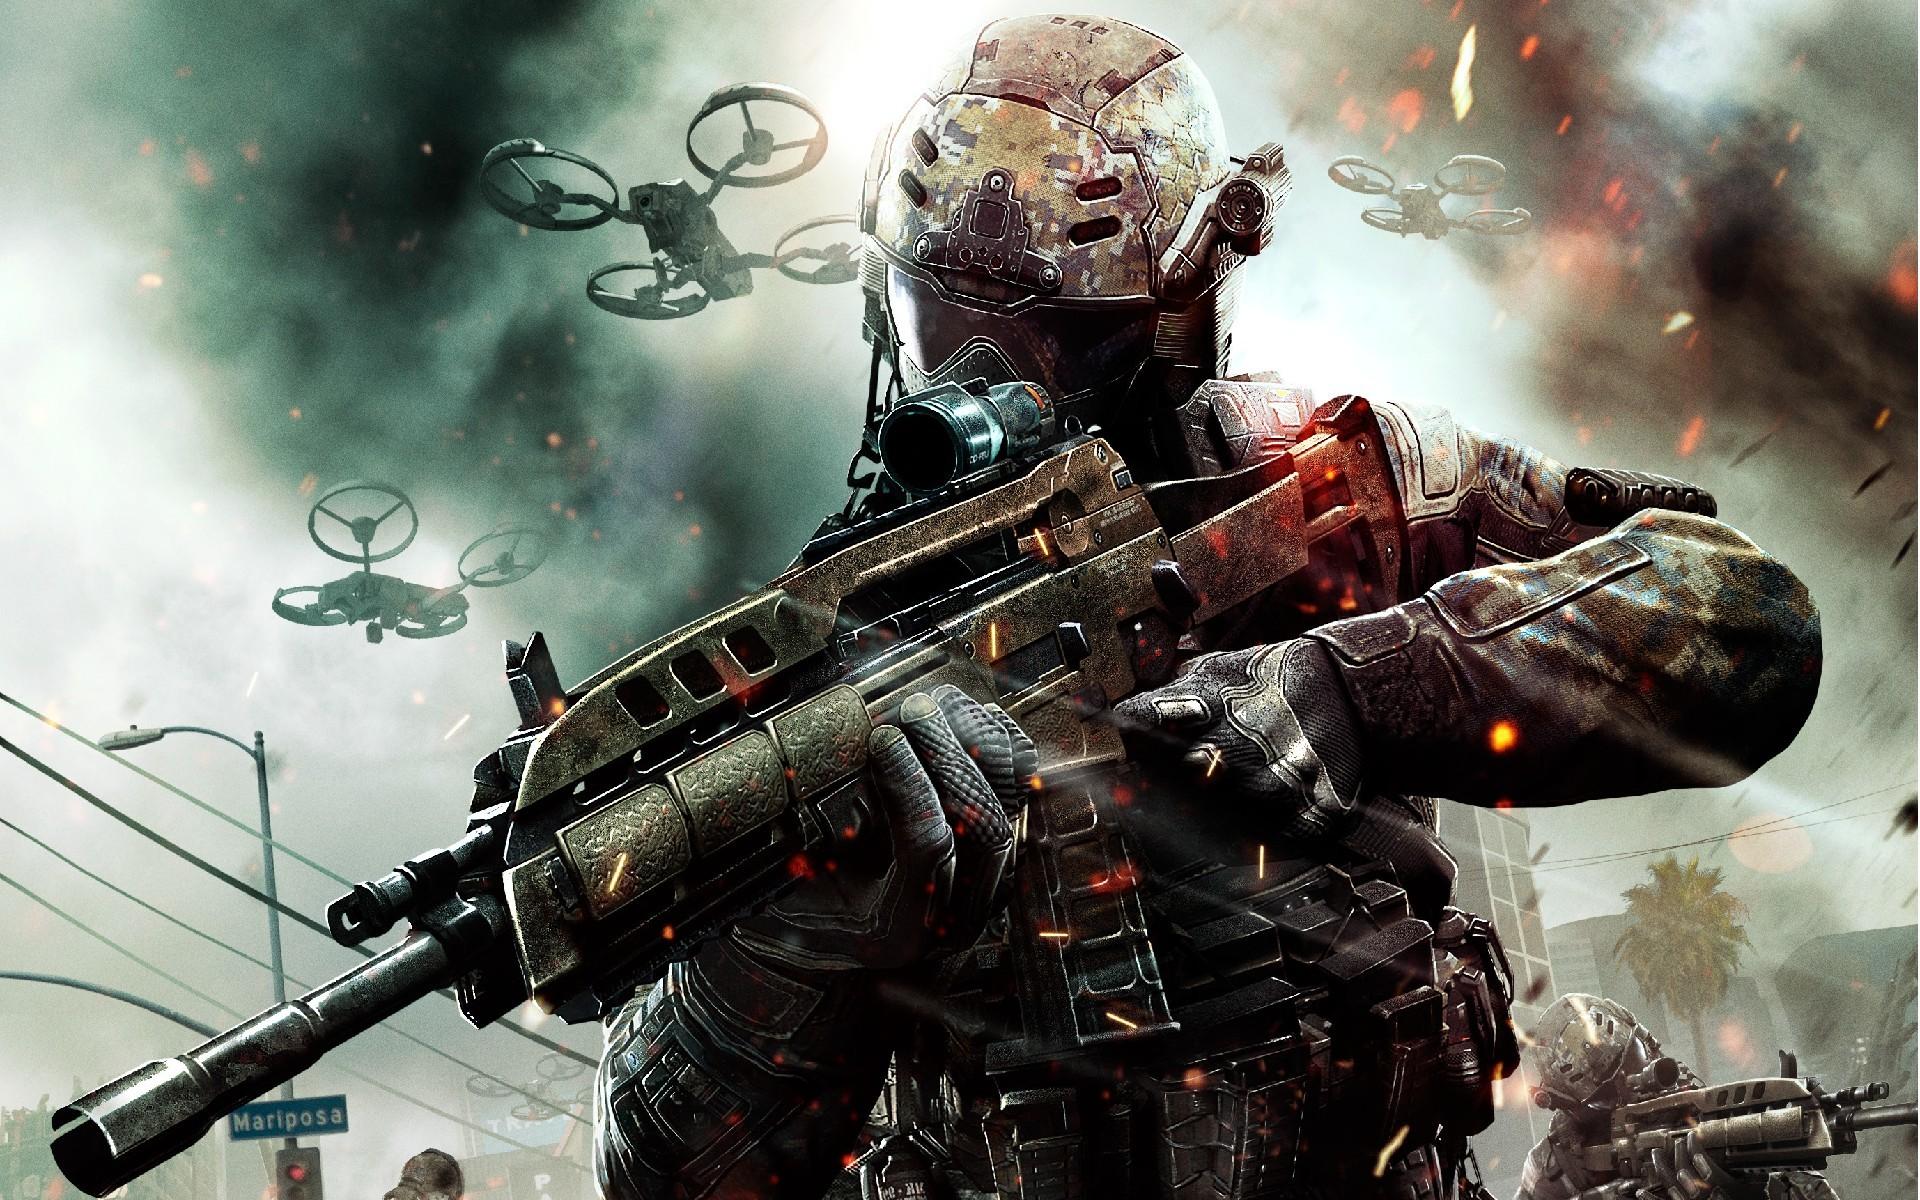 Call of Duty: Black Ops 2 hd wallpaper – https://www.